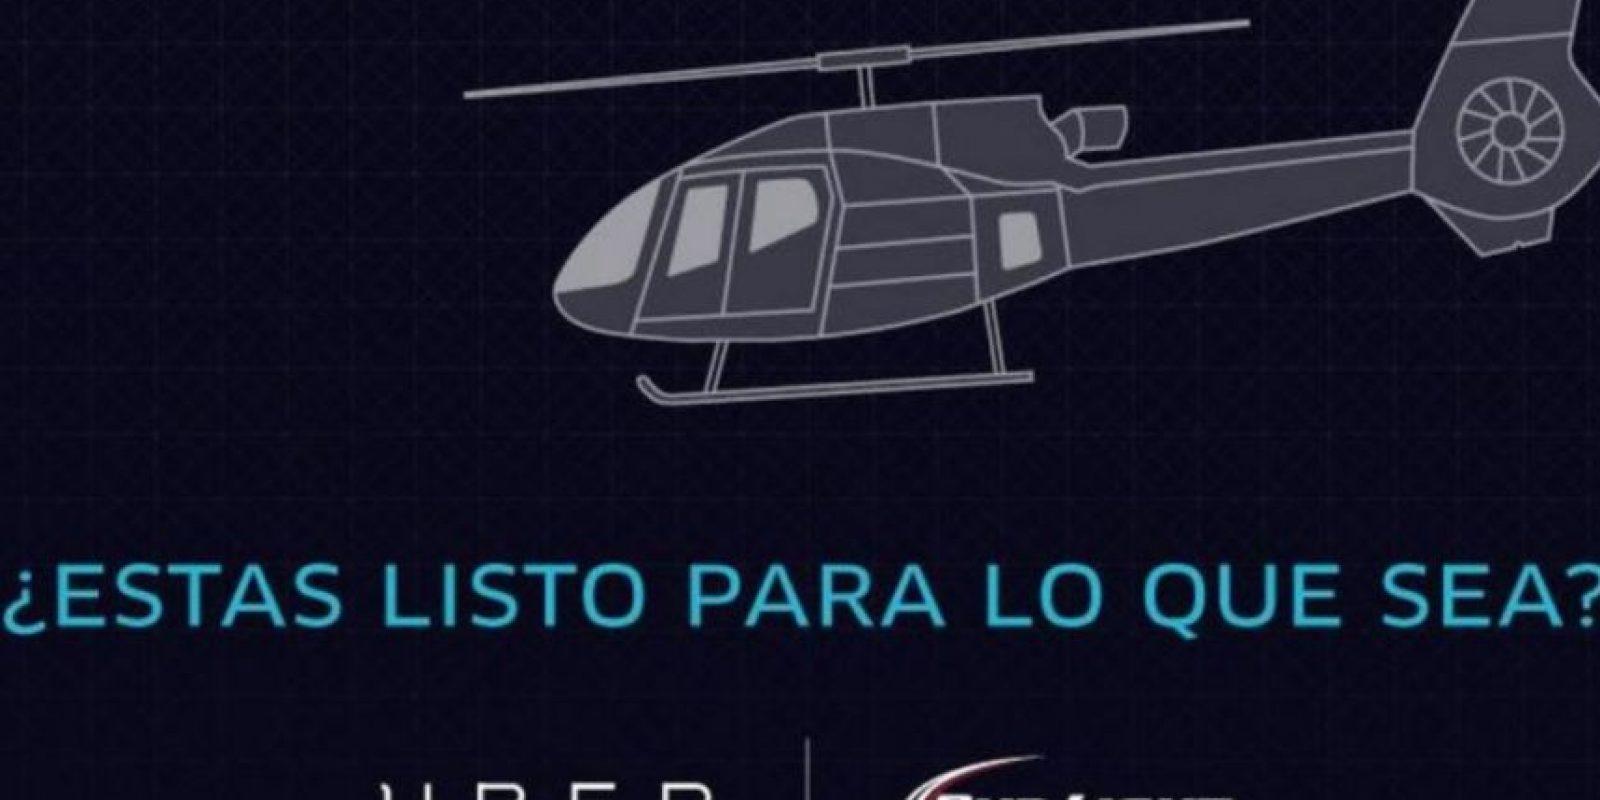 2) Entrada a un evento deportivo y viaje en helicóptero. Foto:Uber